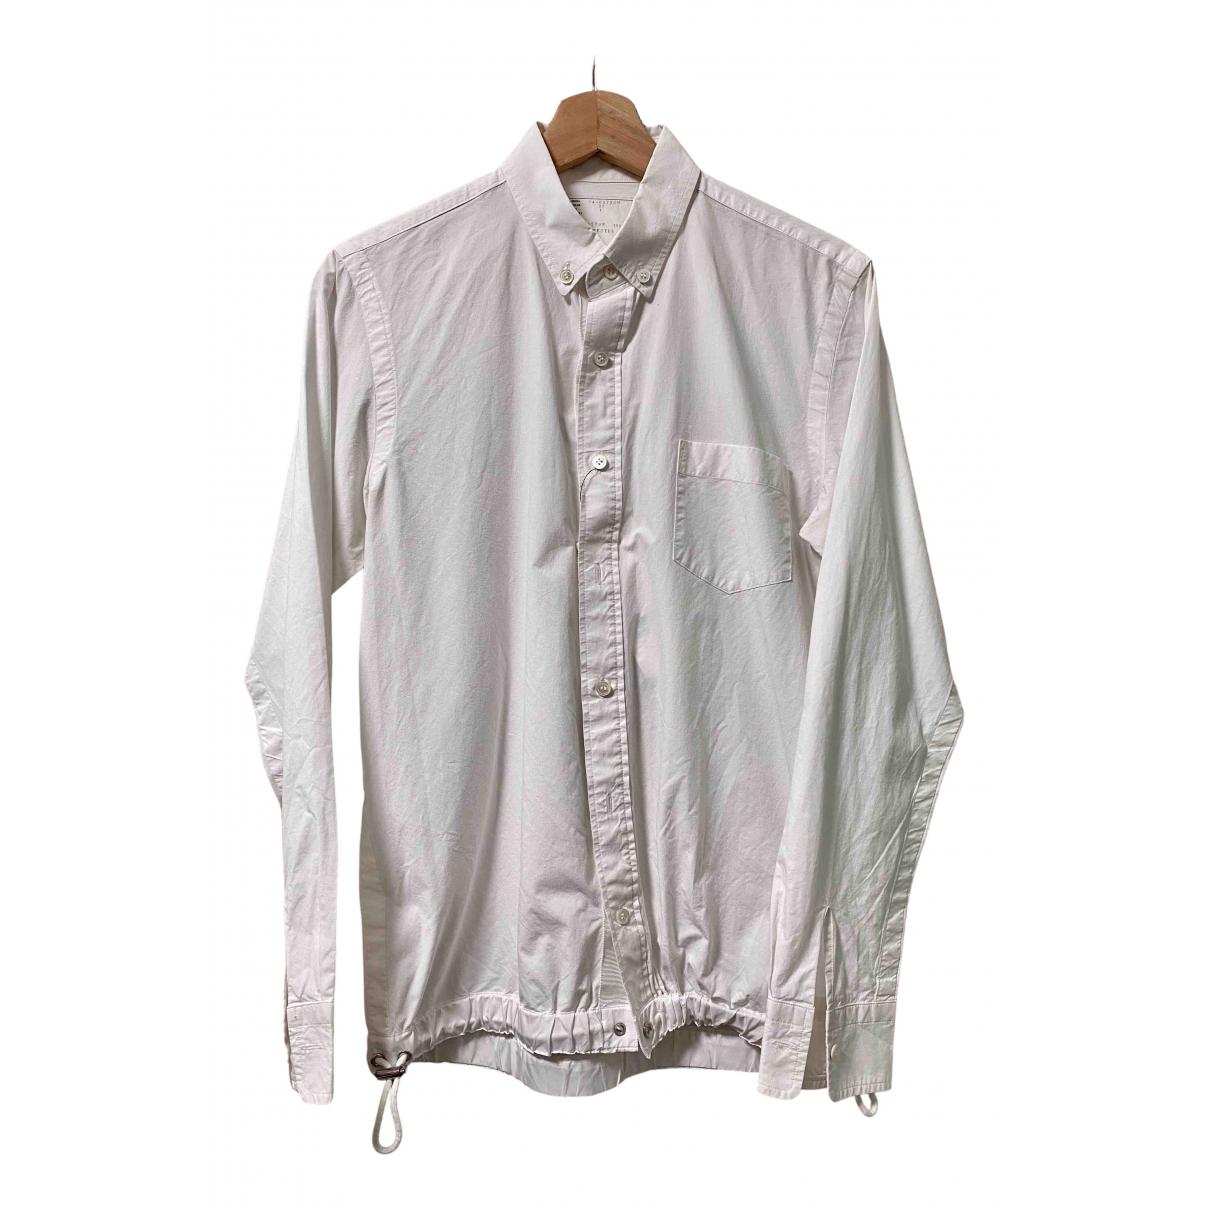 Sacai \N Hemden in  Weiss Baumwolle